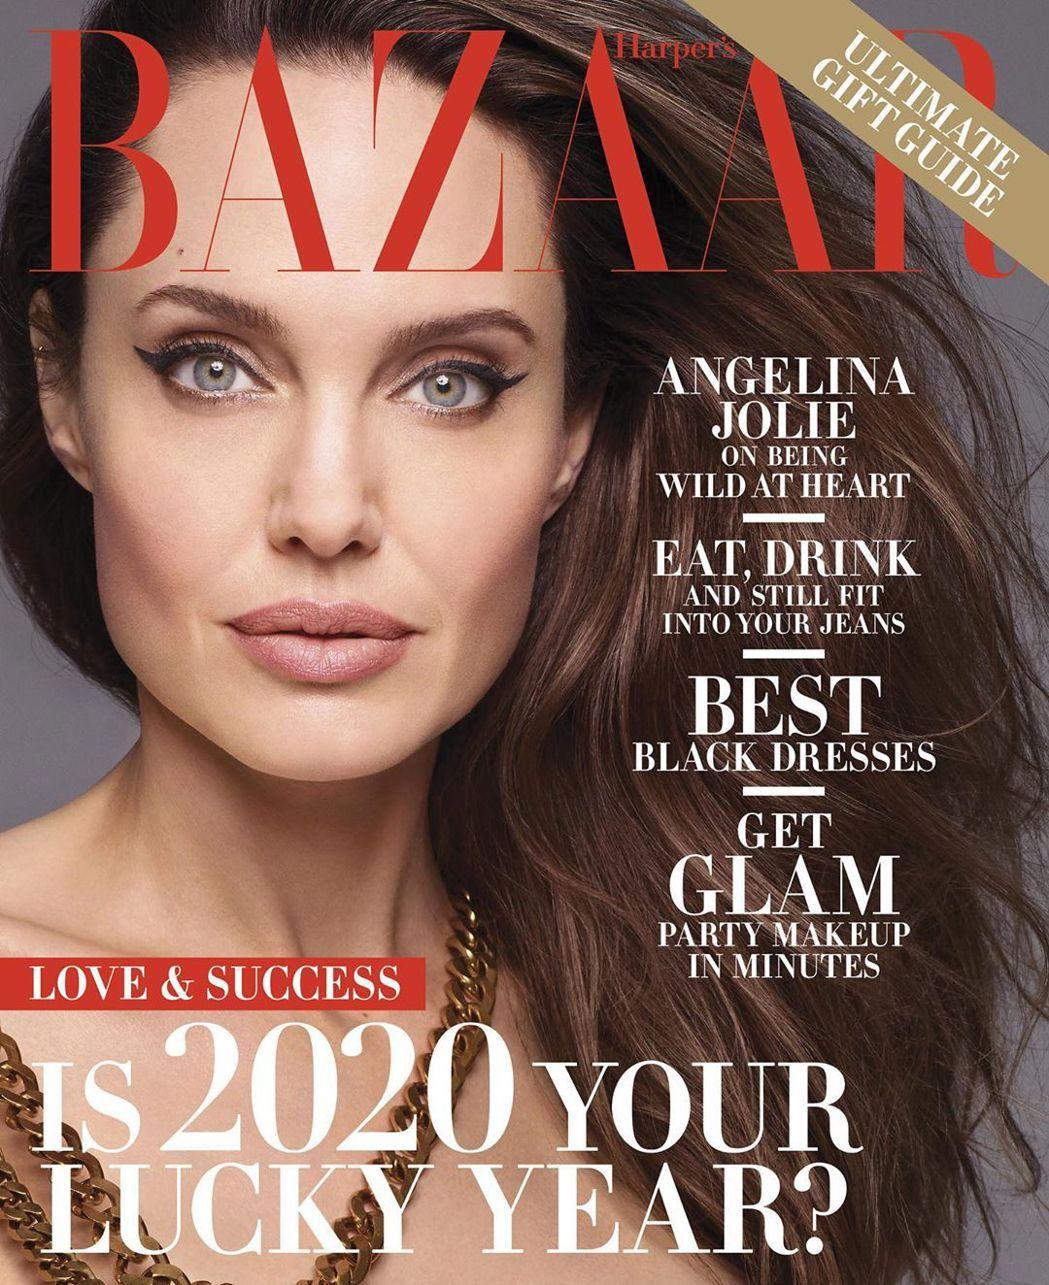 安琪莉娜裘莉在「Harpers BAZAAR」雜誌訪談中又暗批前夫。圖/摘自In...